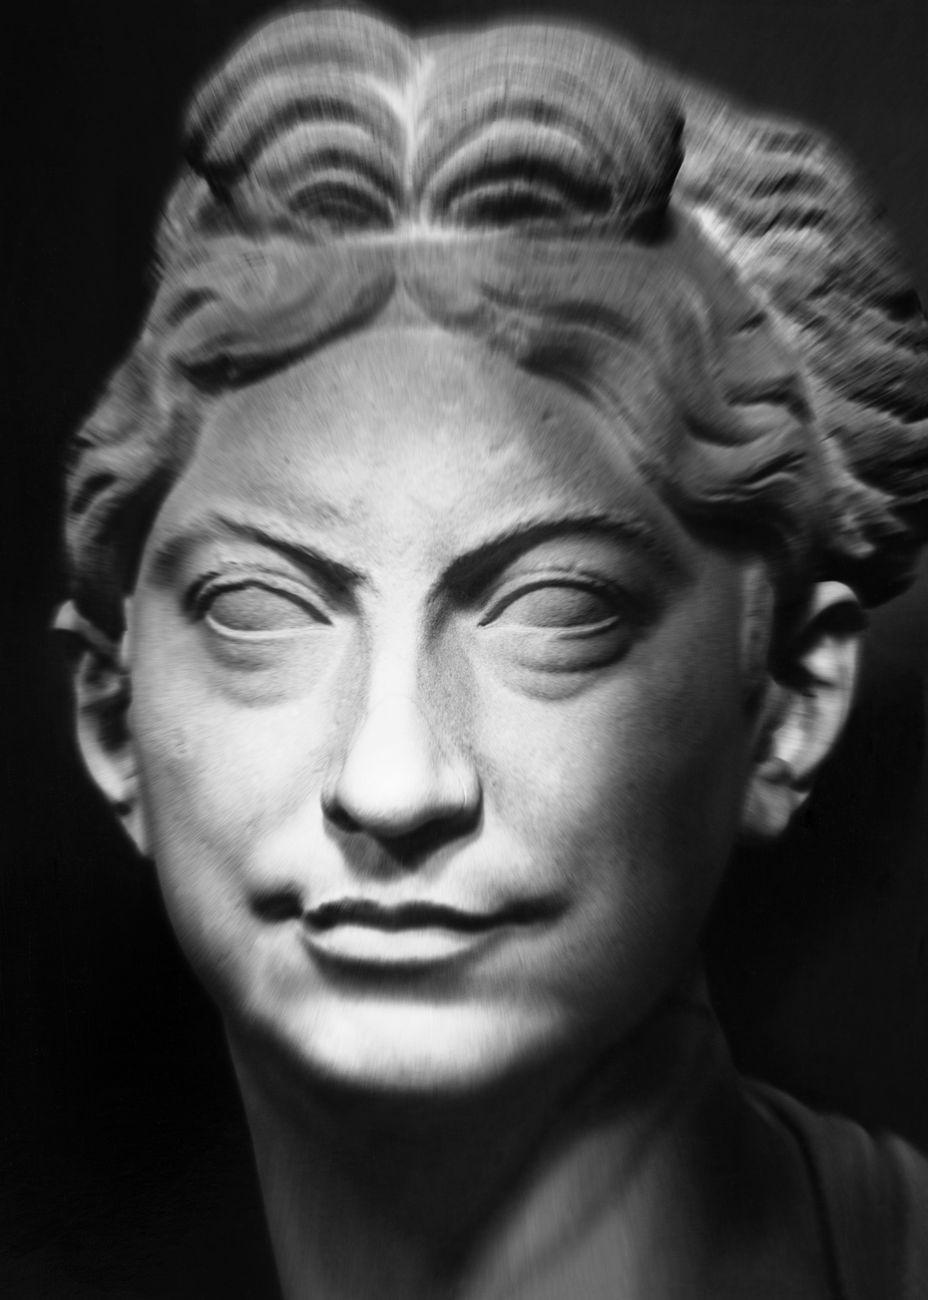 Mimmo Jodice, I volti della memoria, 2015. Museo Chiaramonti, Ritratto femminile. Musei Vaticani, Collezione d'Arte Contemporanea. Foto Mimmo Jodice © Governatorato SCV – Direzione dei Musei